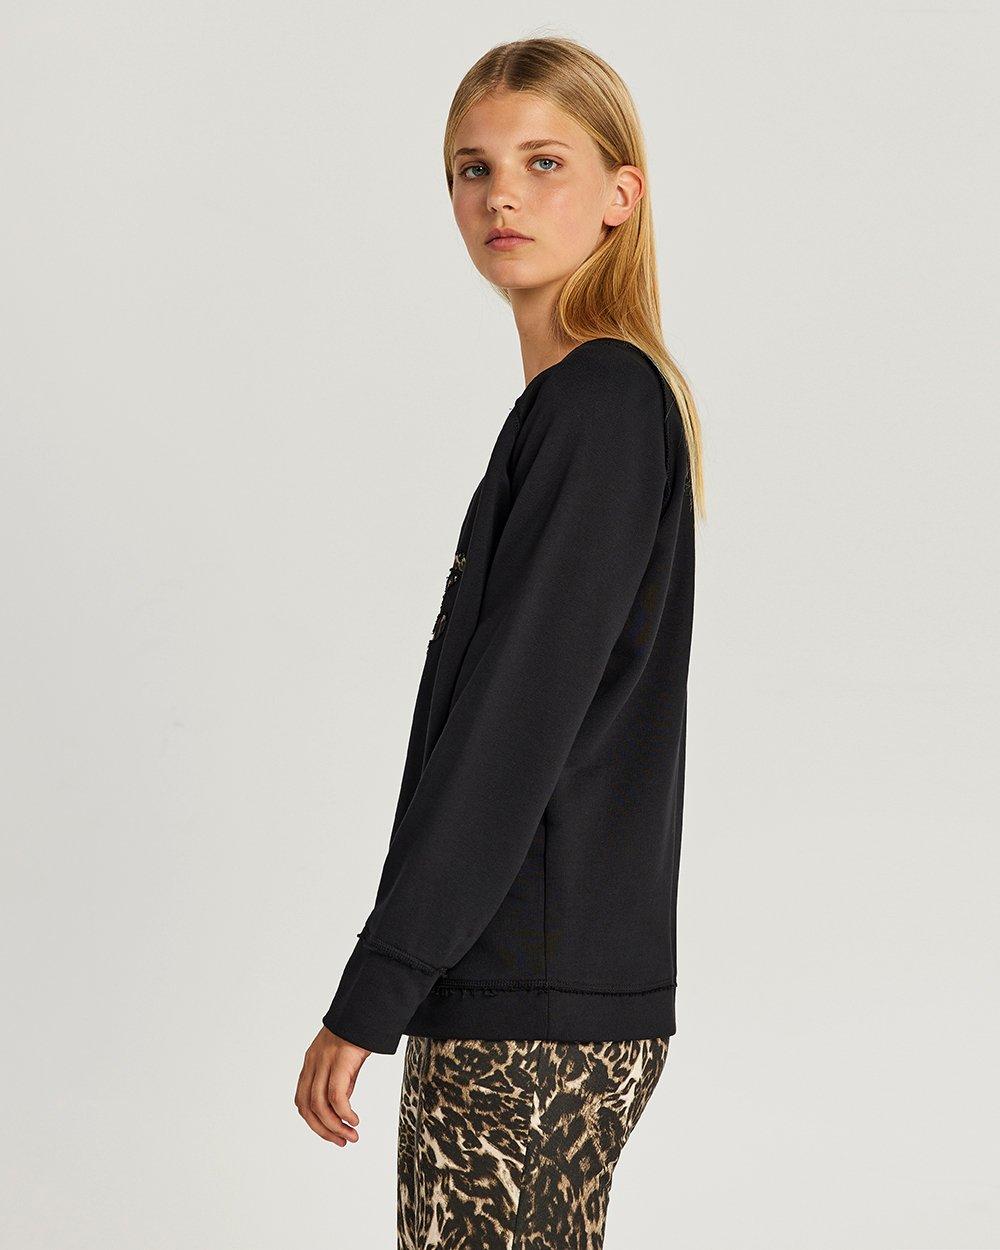 Μπλούζα τύπου φούτερ